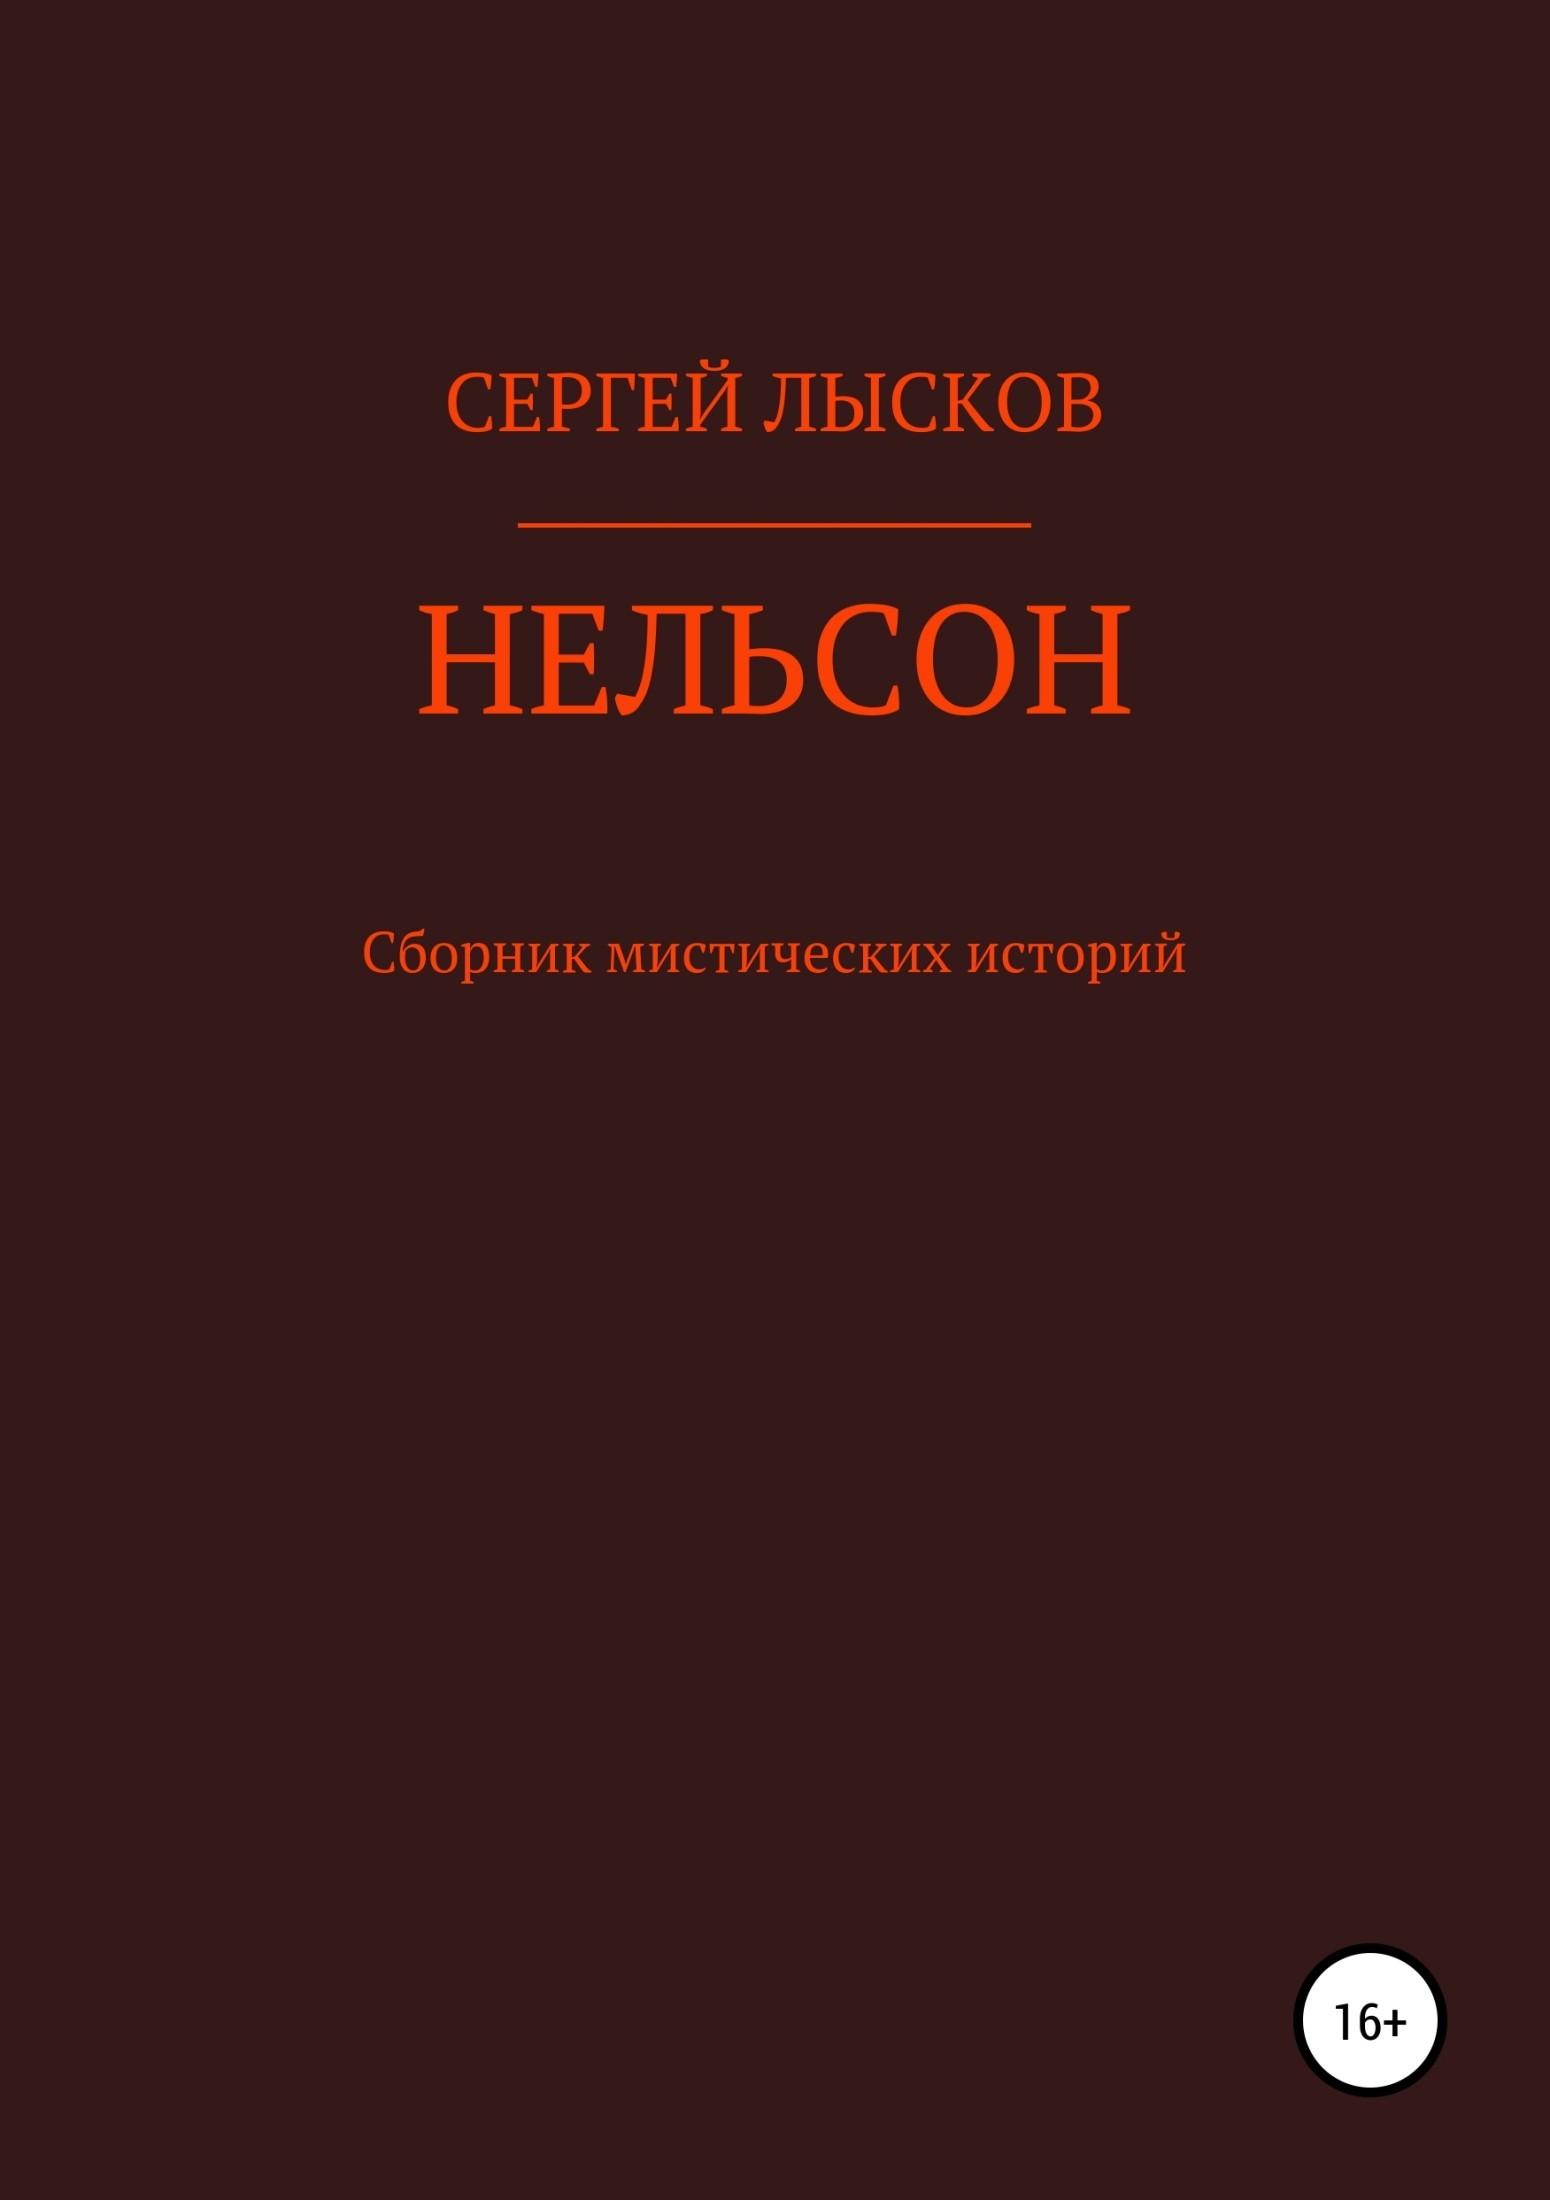 купить Сергей Геннадьевич Лысков Нельсон. Сборник рассказов недорого